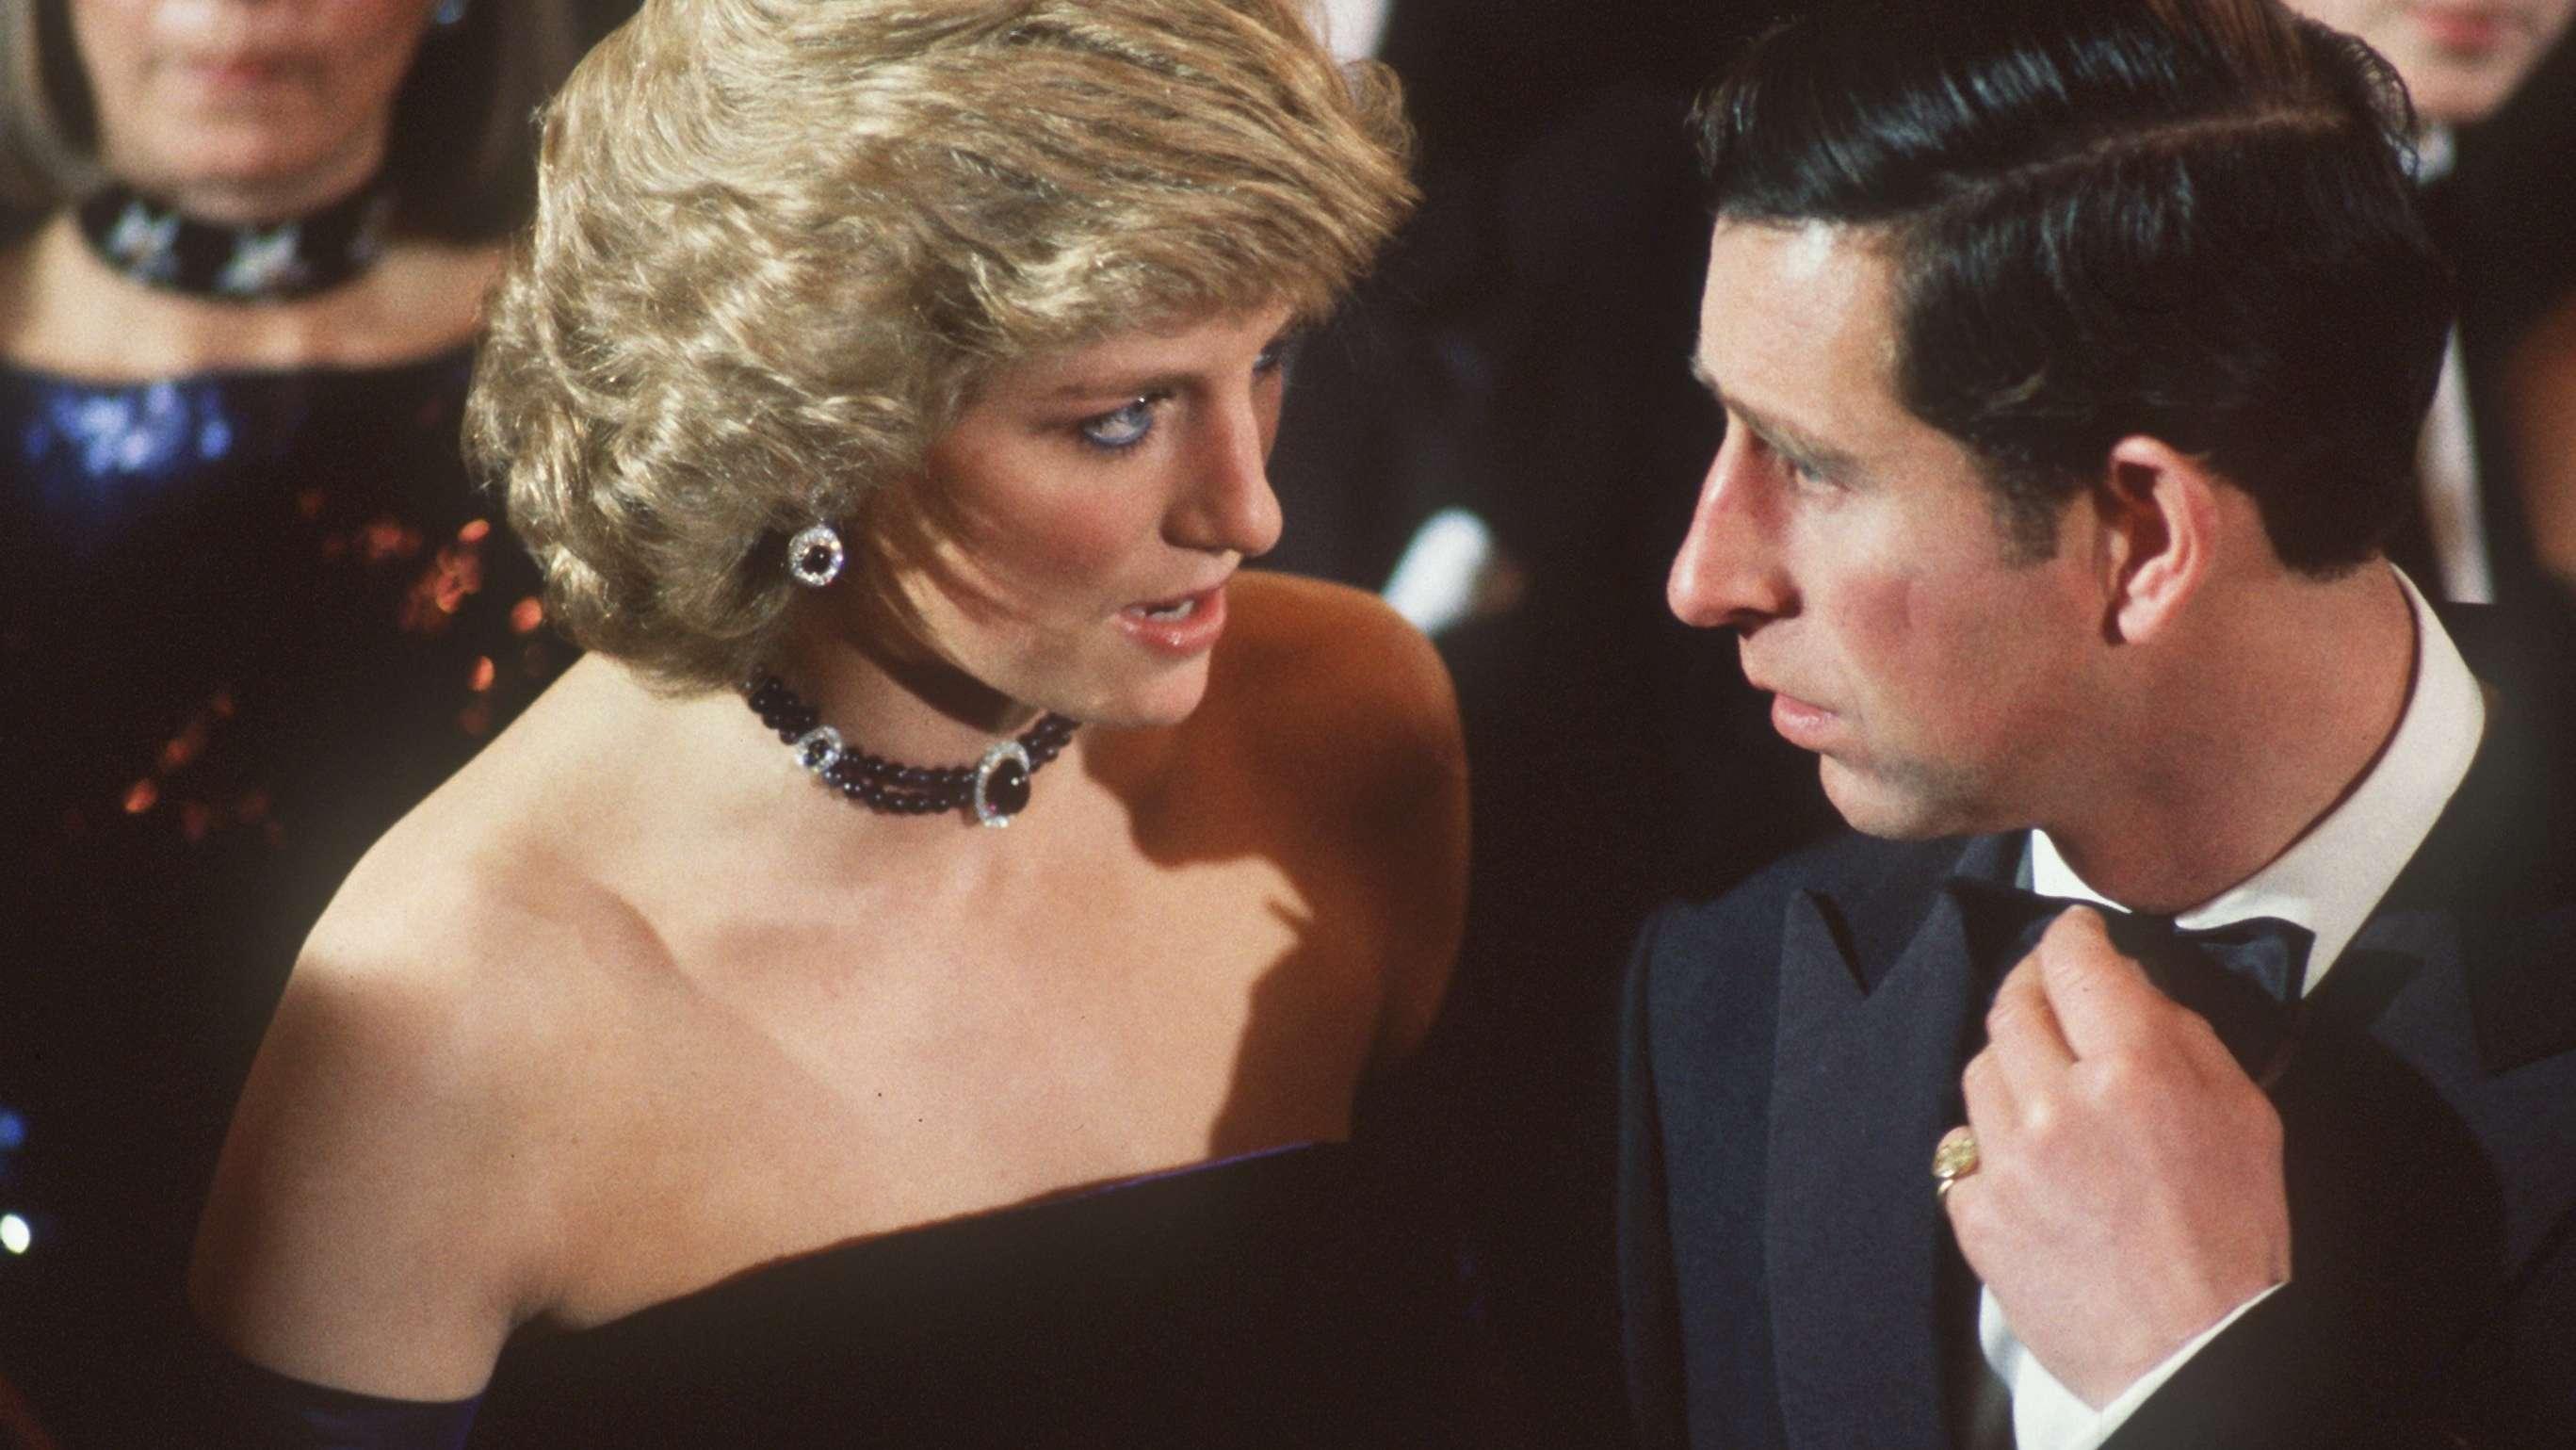 München-Besuch 1987: Prinzessin Diana mit Ehemann Prinz Charles in der Münchner Oper. Die Ehe kriselt – aber vielleicht gibt es noch eine Chance?